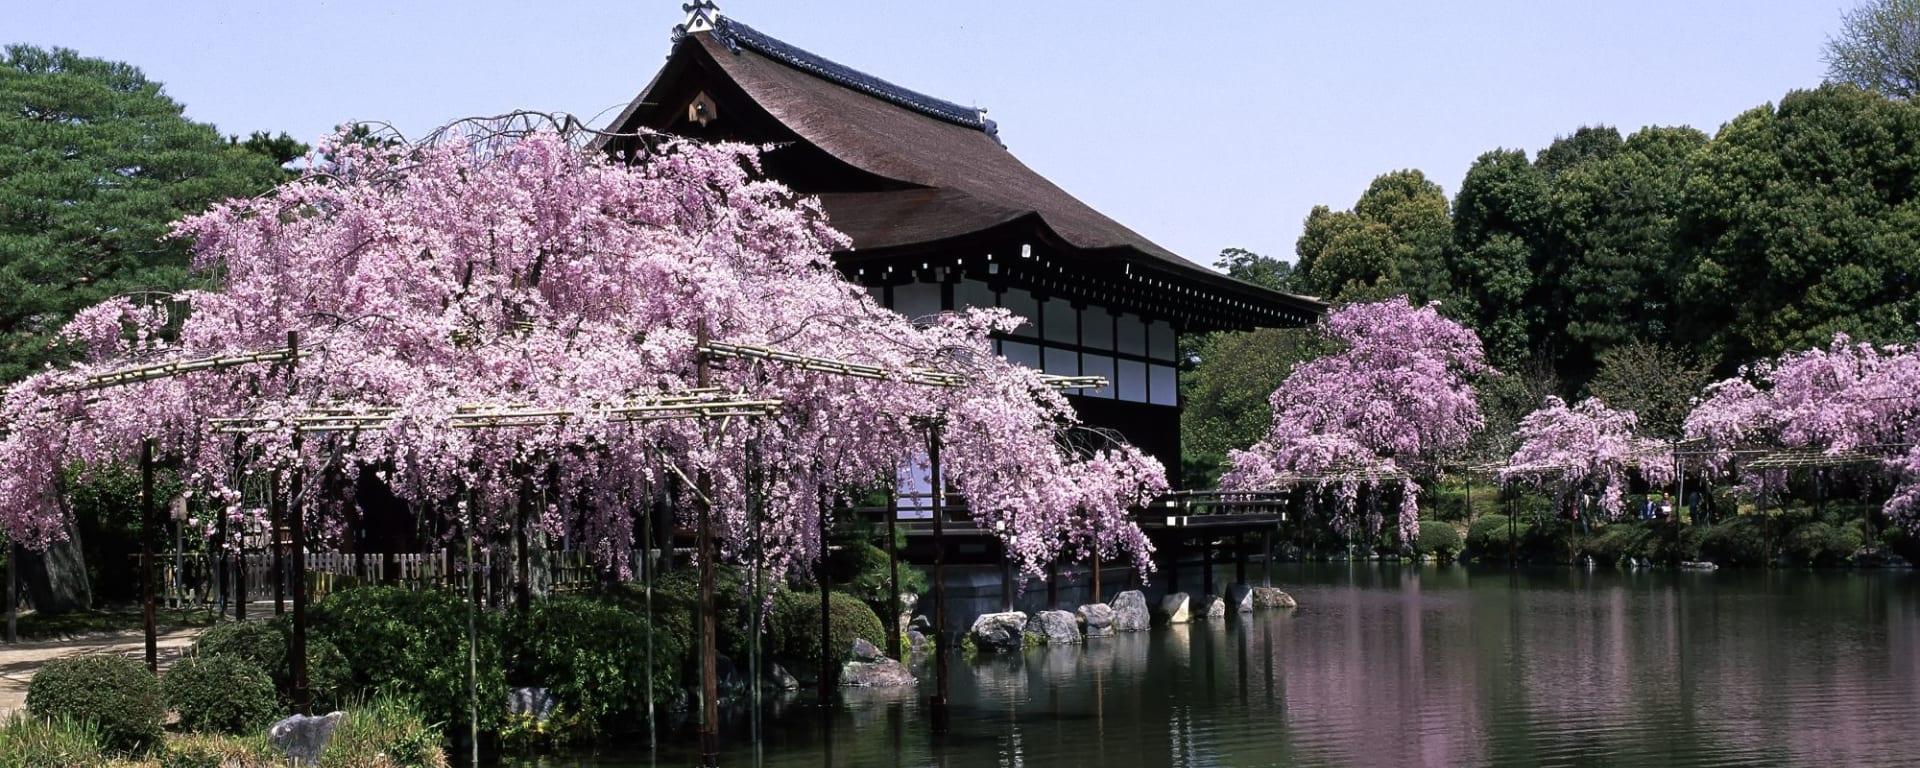 Le Japon classique de Tokyo: Kyoto Heian Shrine